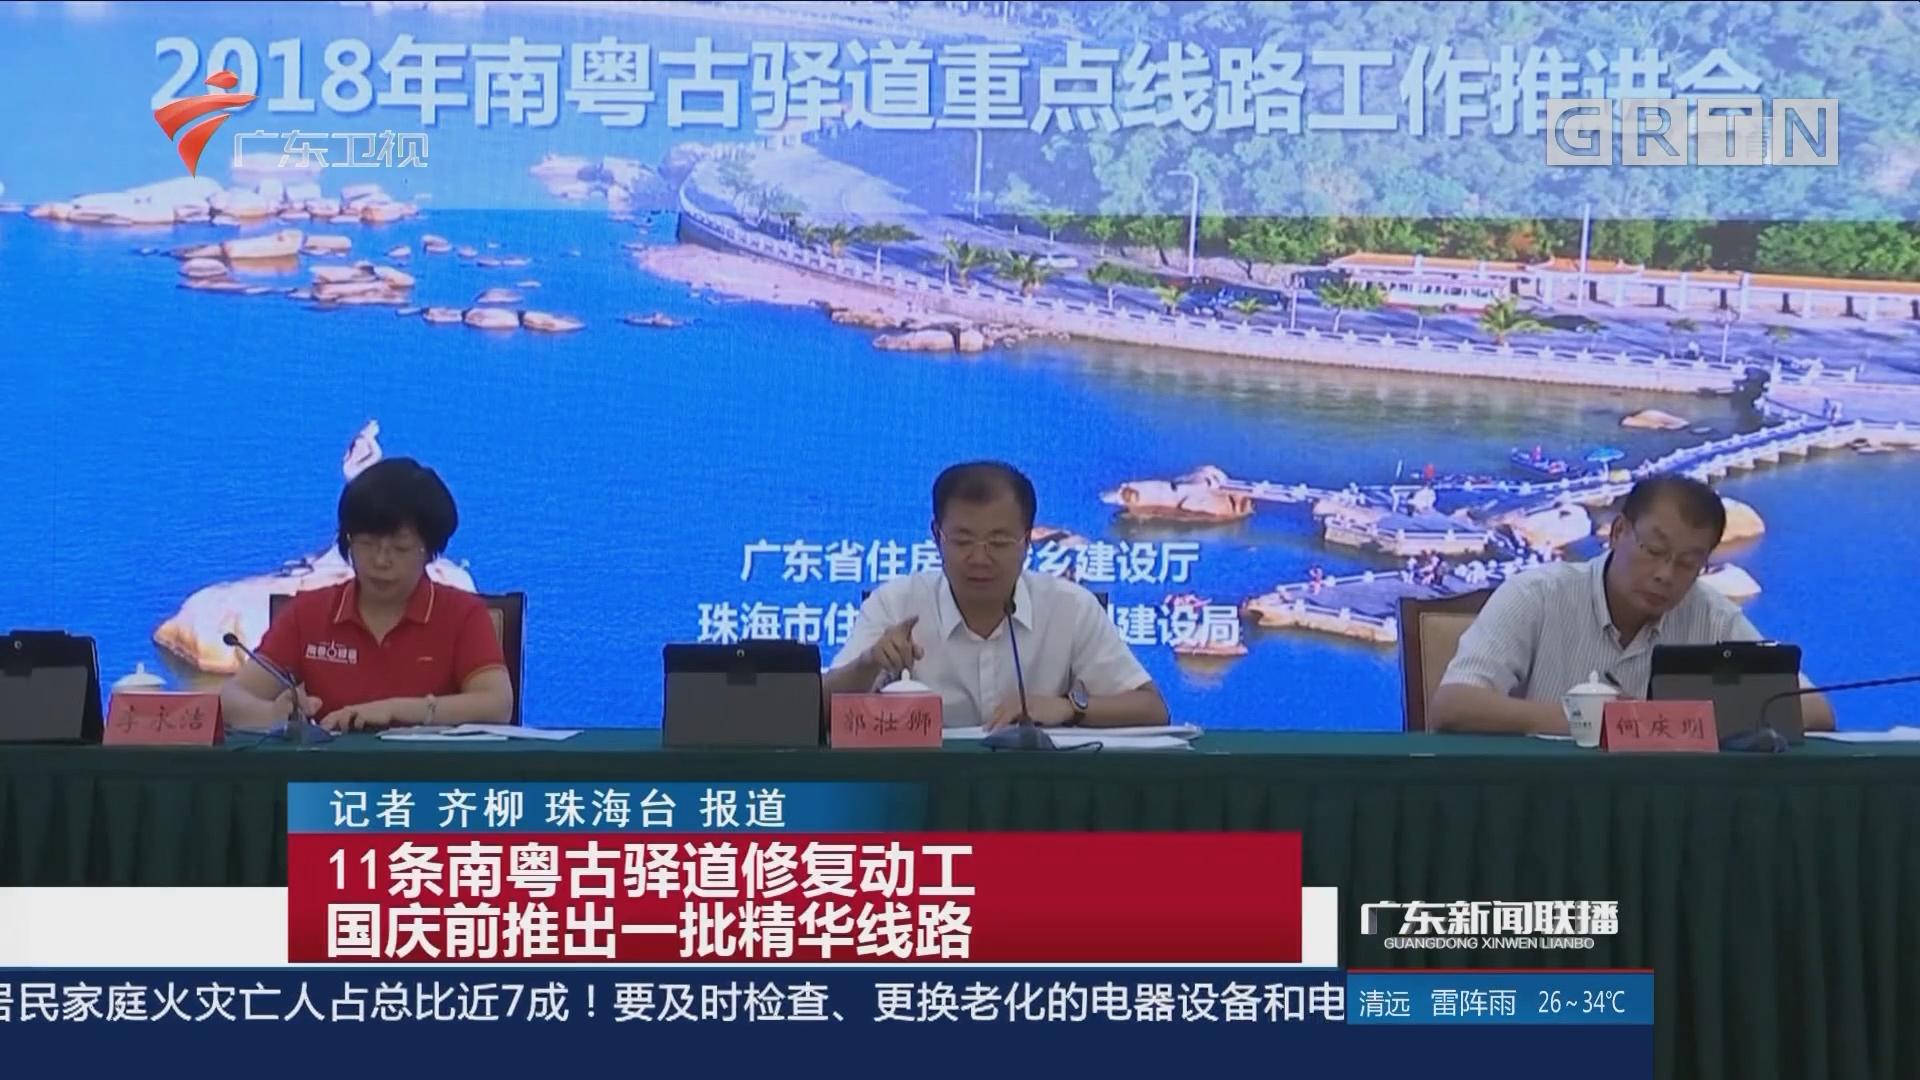 11条南粤古驿道修复动工 国庆前推出一批精华线路